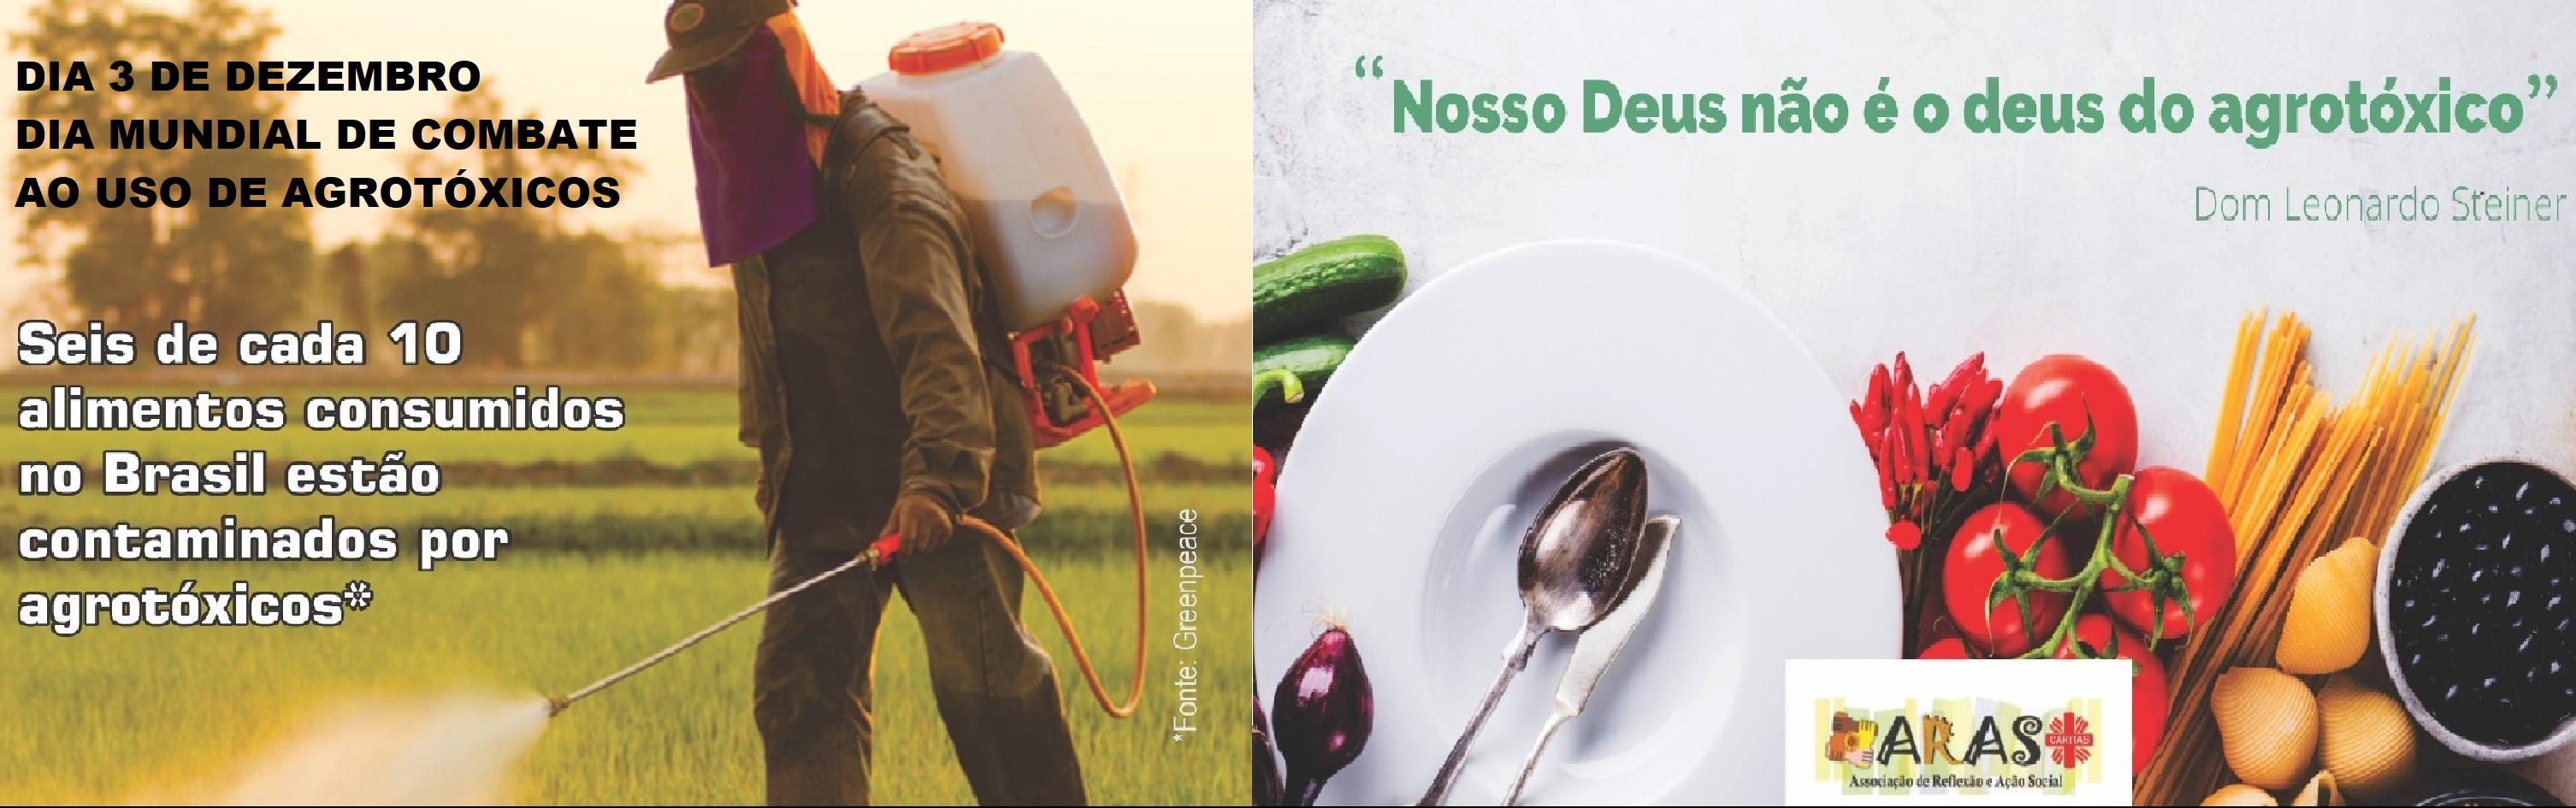 Dia Mundial de Combate ao Uso de Agrotóxicos